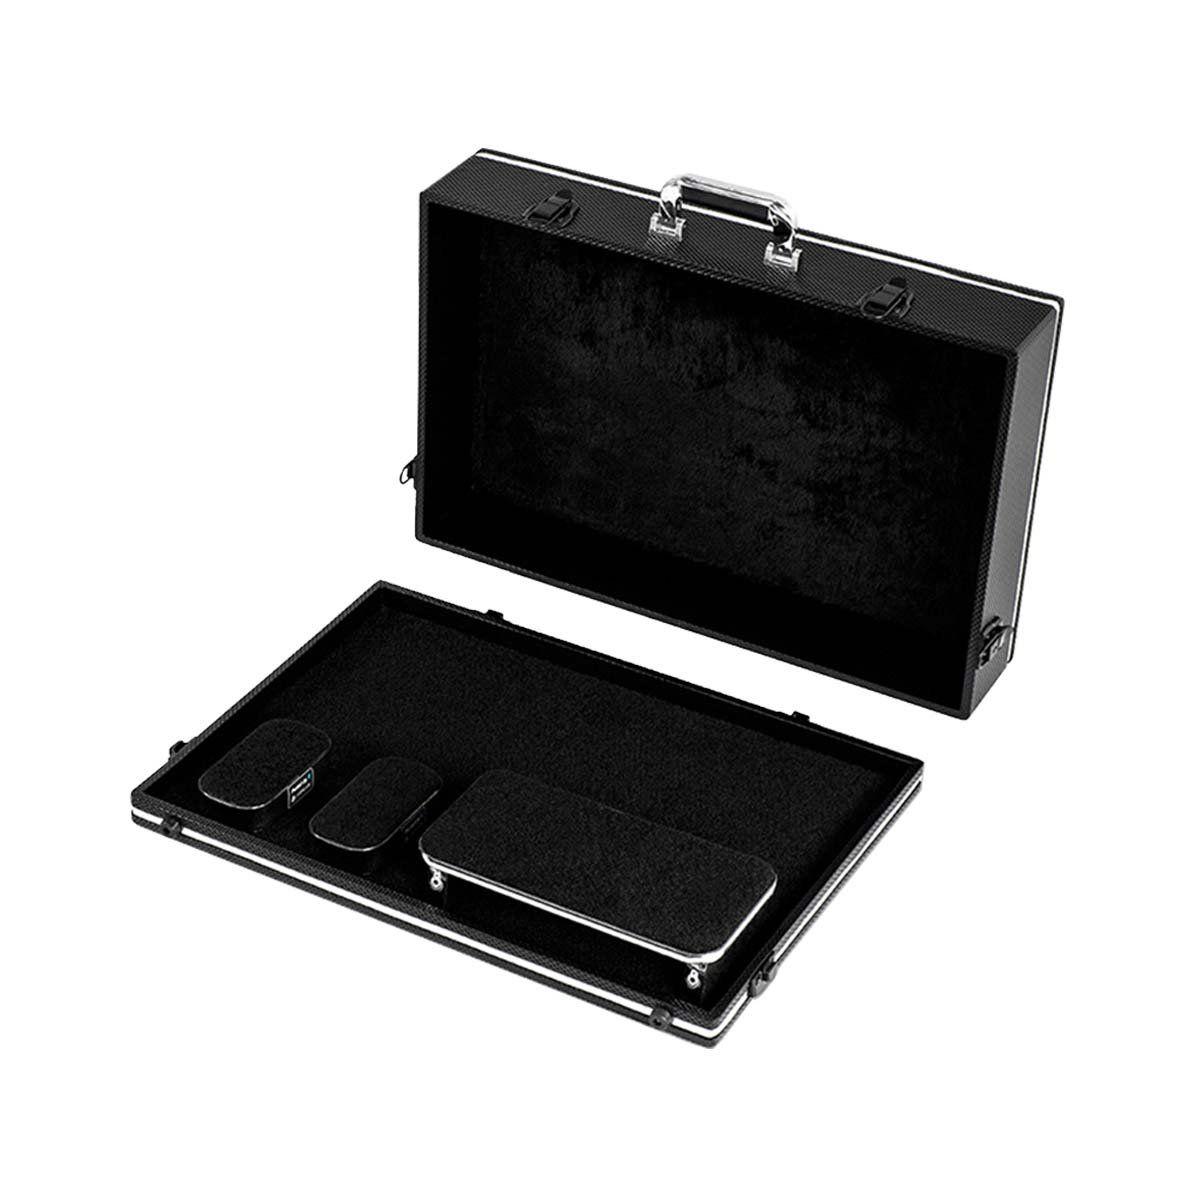 Classic Bag com base para fixação para pedais 60x42 cm Pedal Board CL400 - Landscape